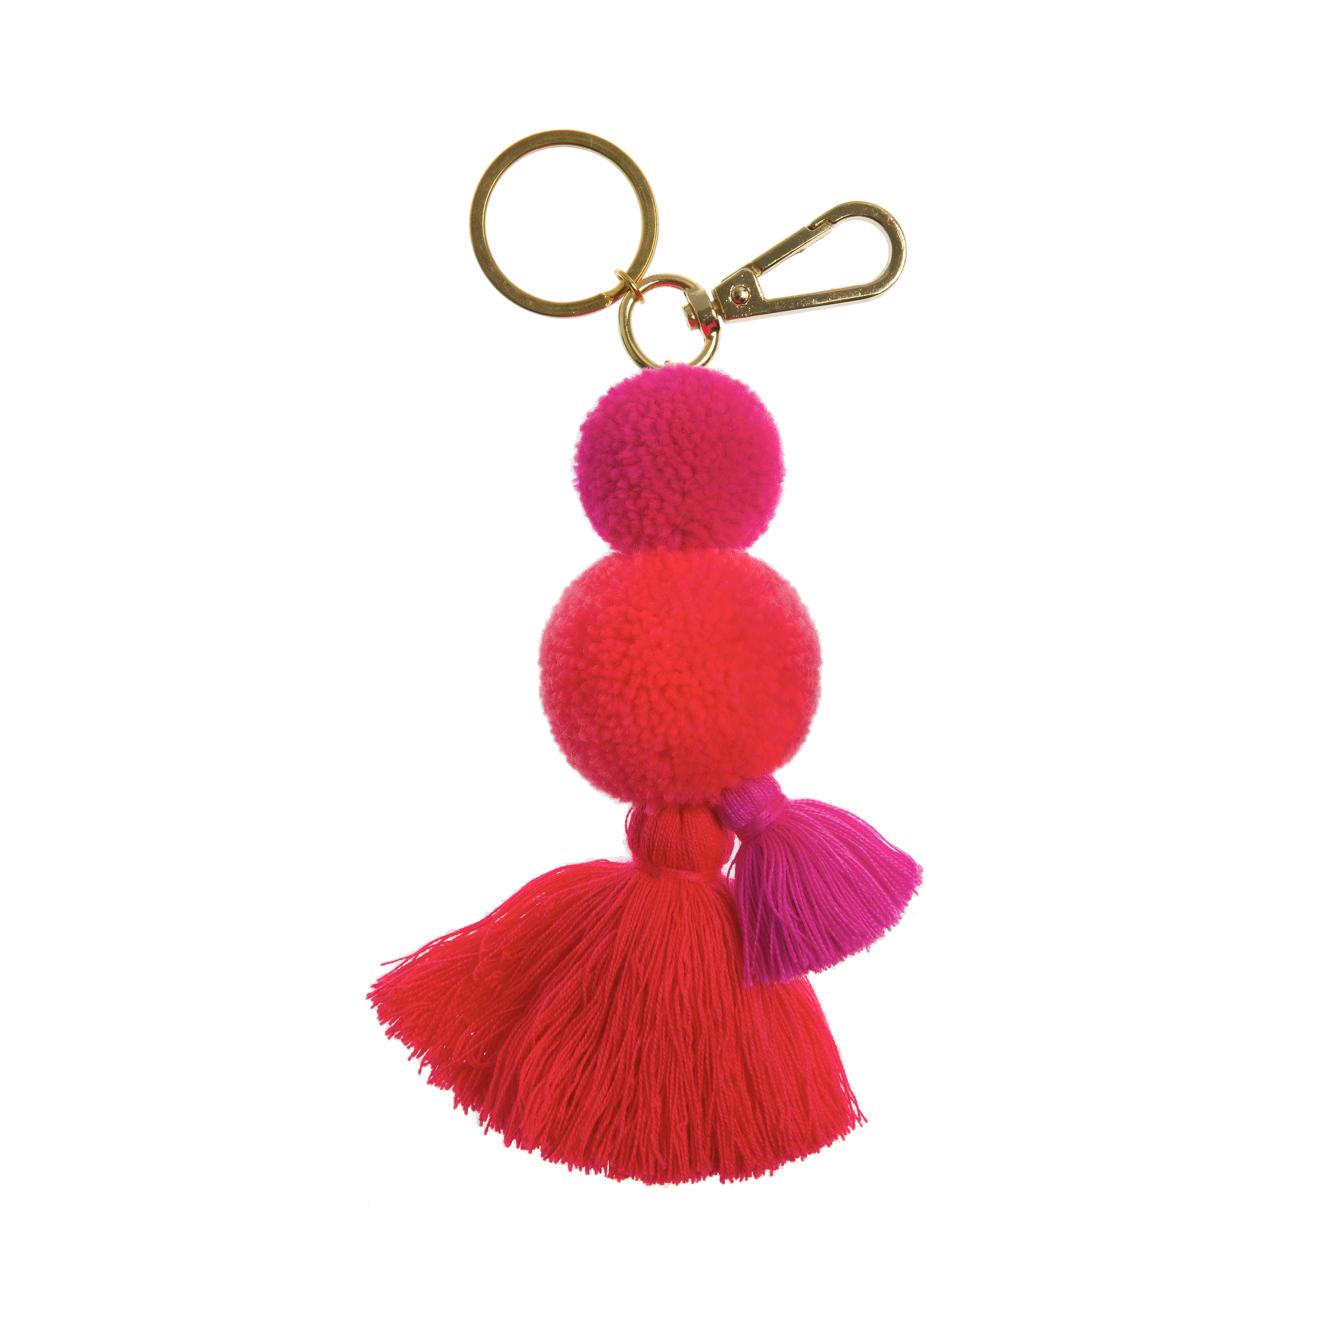 Pom Pom & Tassel Bag Charms